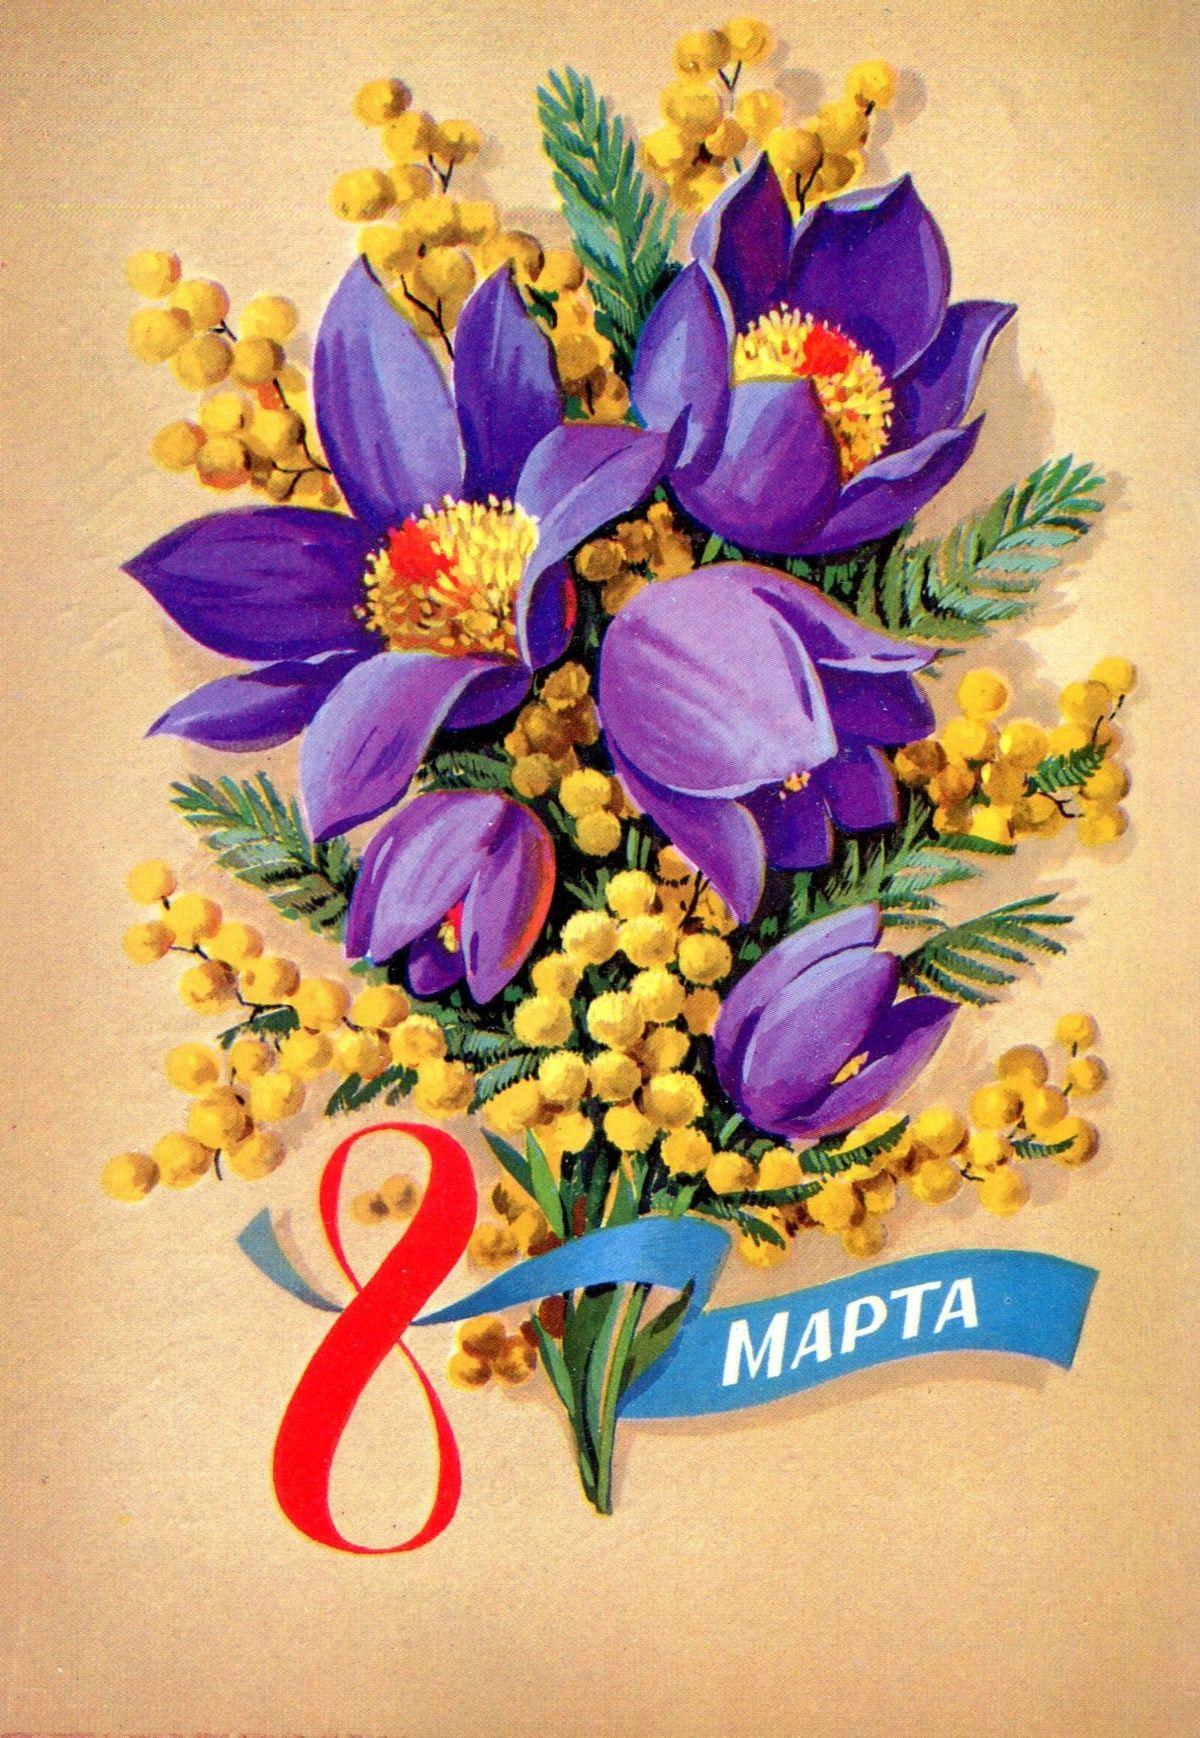 Otkrytki 8 Marta Cvety Krasivo Otkrytki Starye Pozdravitelnye